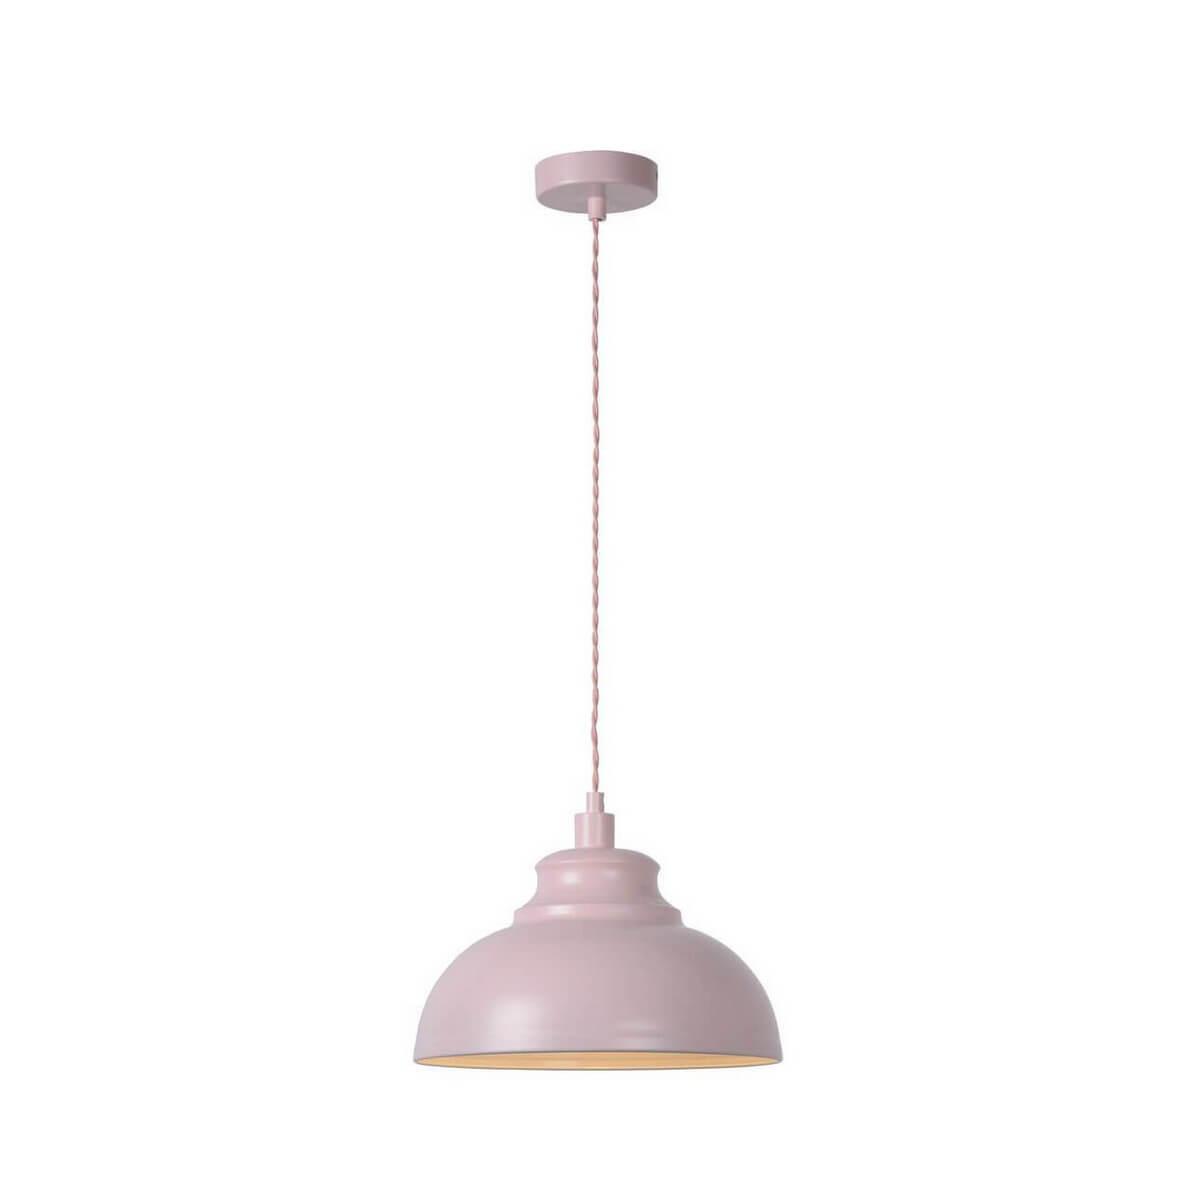 Подвесной светильник Lucide 34400/29/66, E27, 60 Вт lucide подвесной светильник lucide baarn 31390 28 06